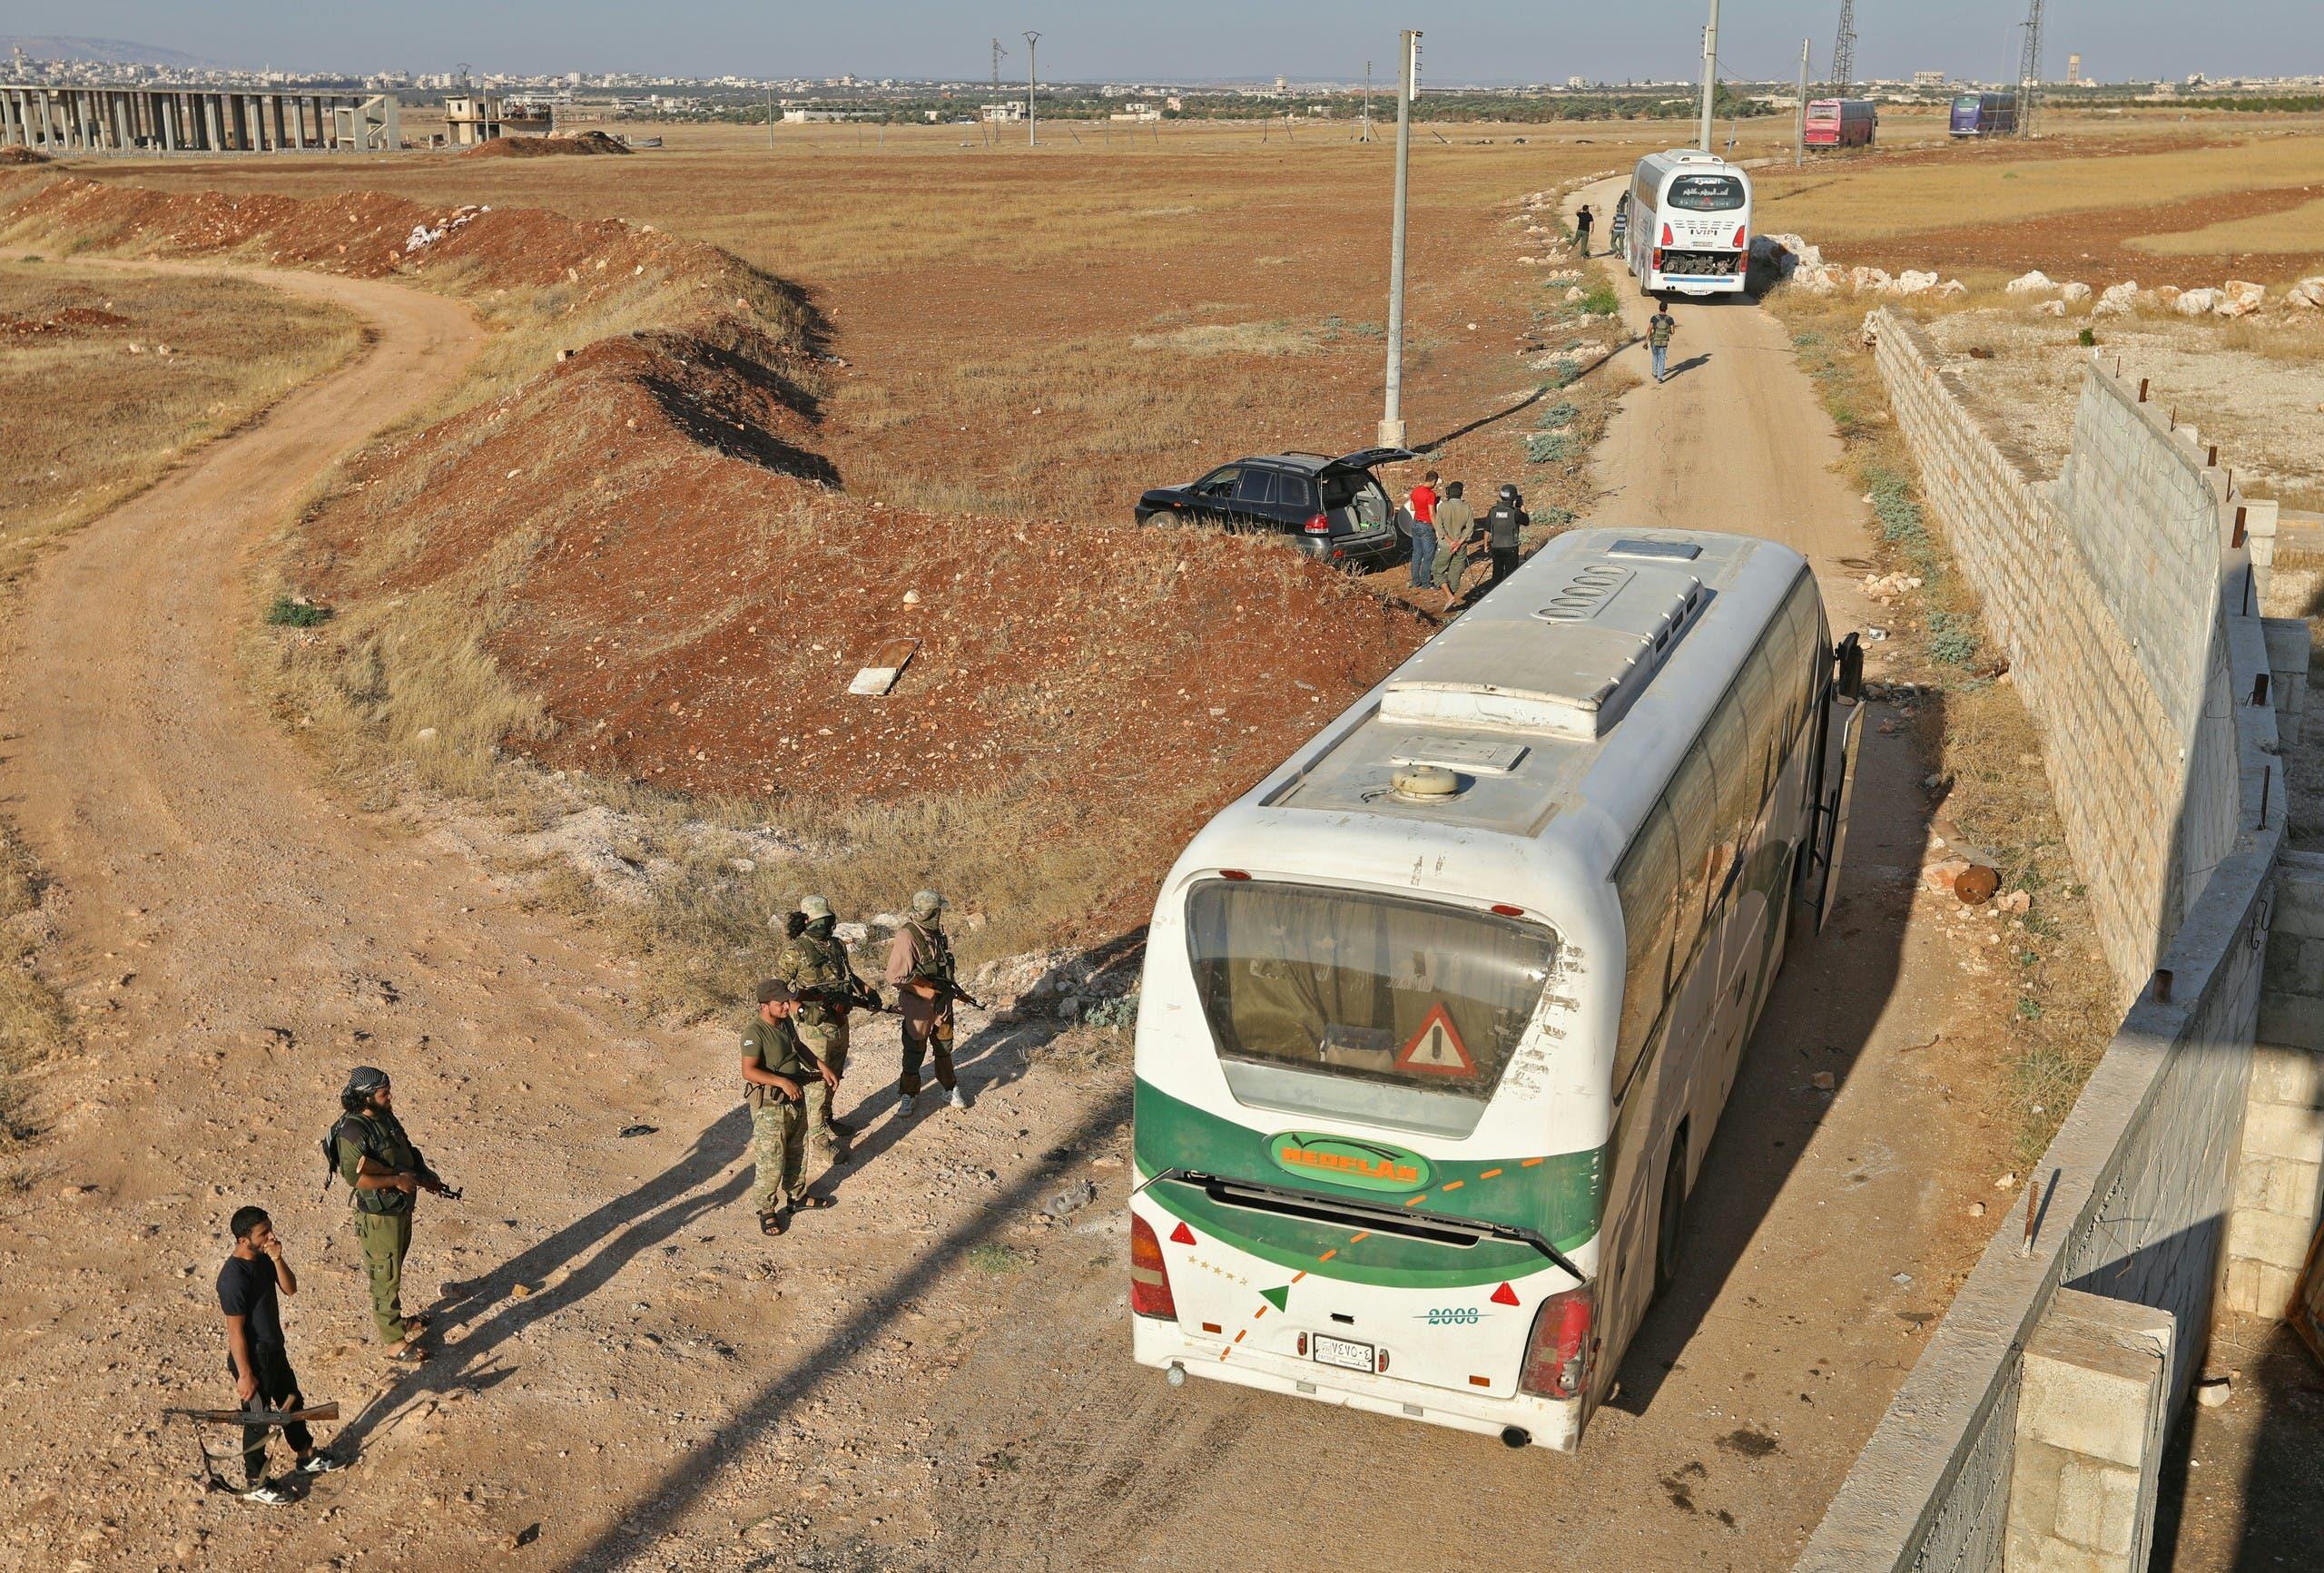 عناصر من هيئة تحرير الشام أثناء عملية الإجلاء